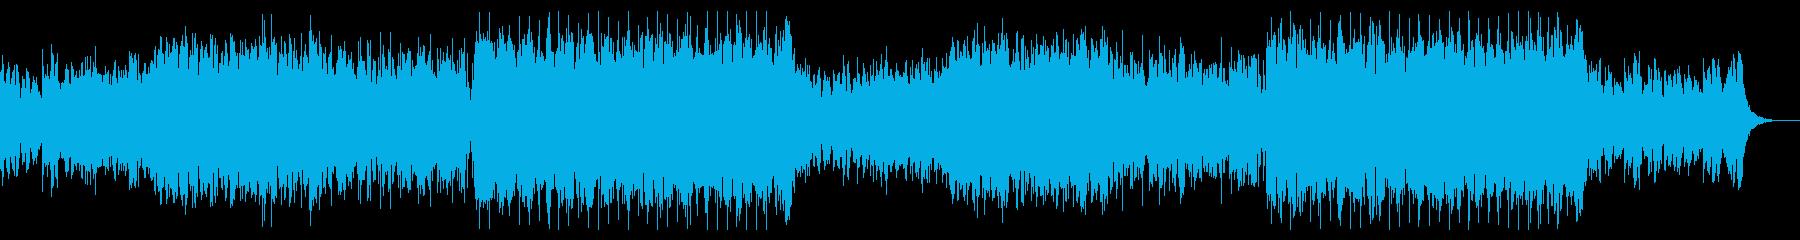 洋楽系トロピカルハウス 夏のビーチでチルの再生済みの波形